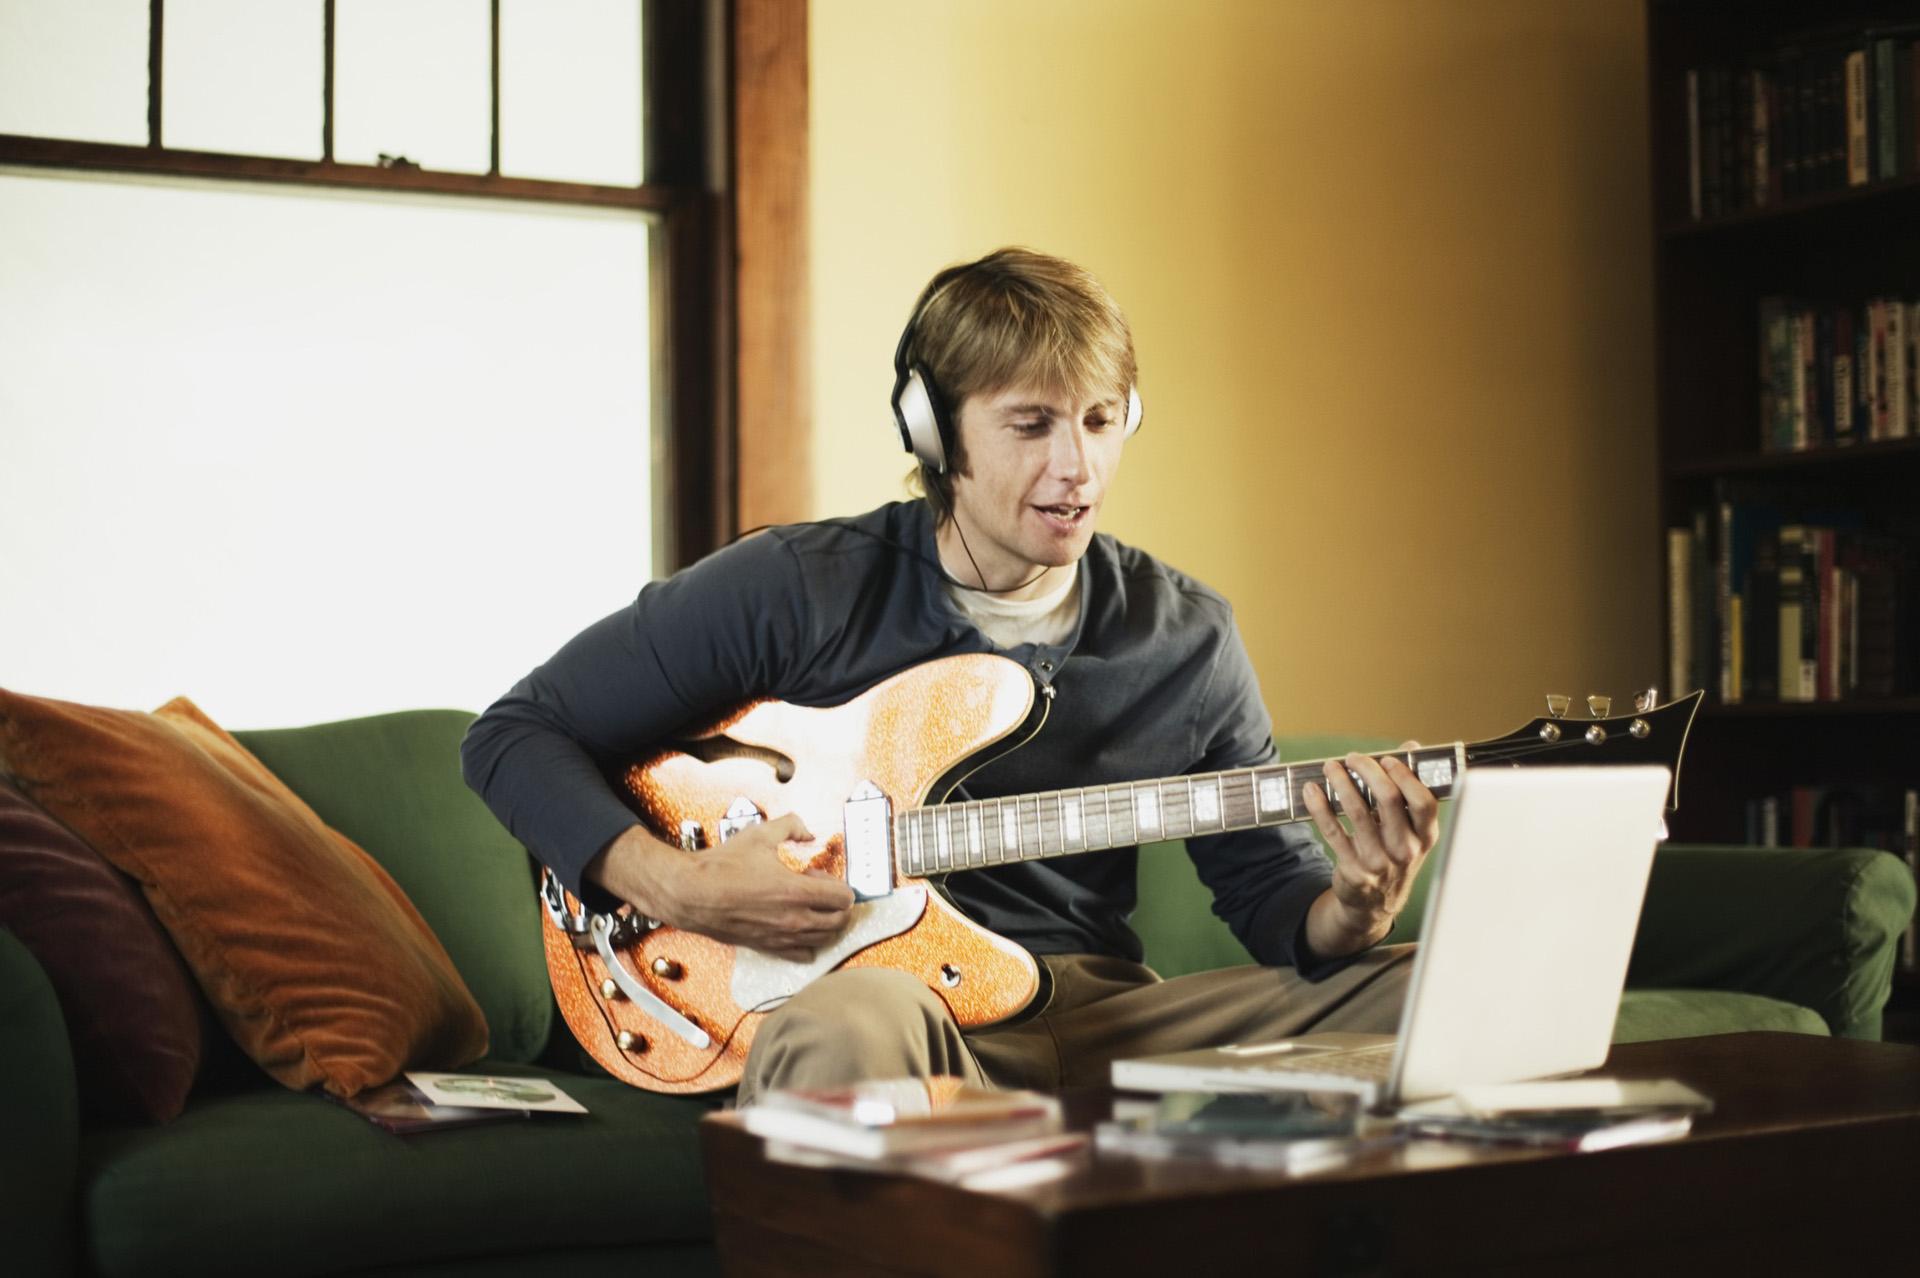 cursus instrument leren spelen